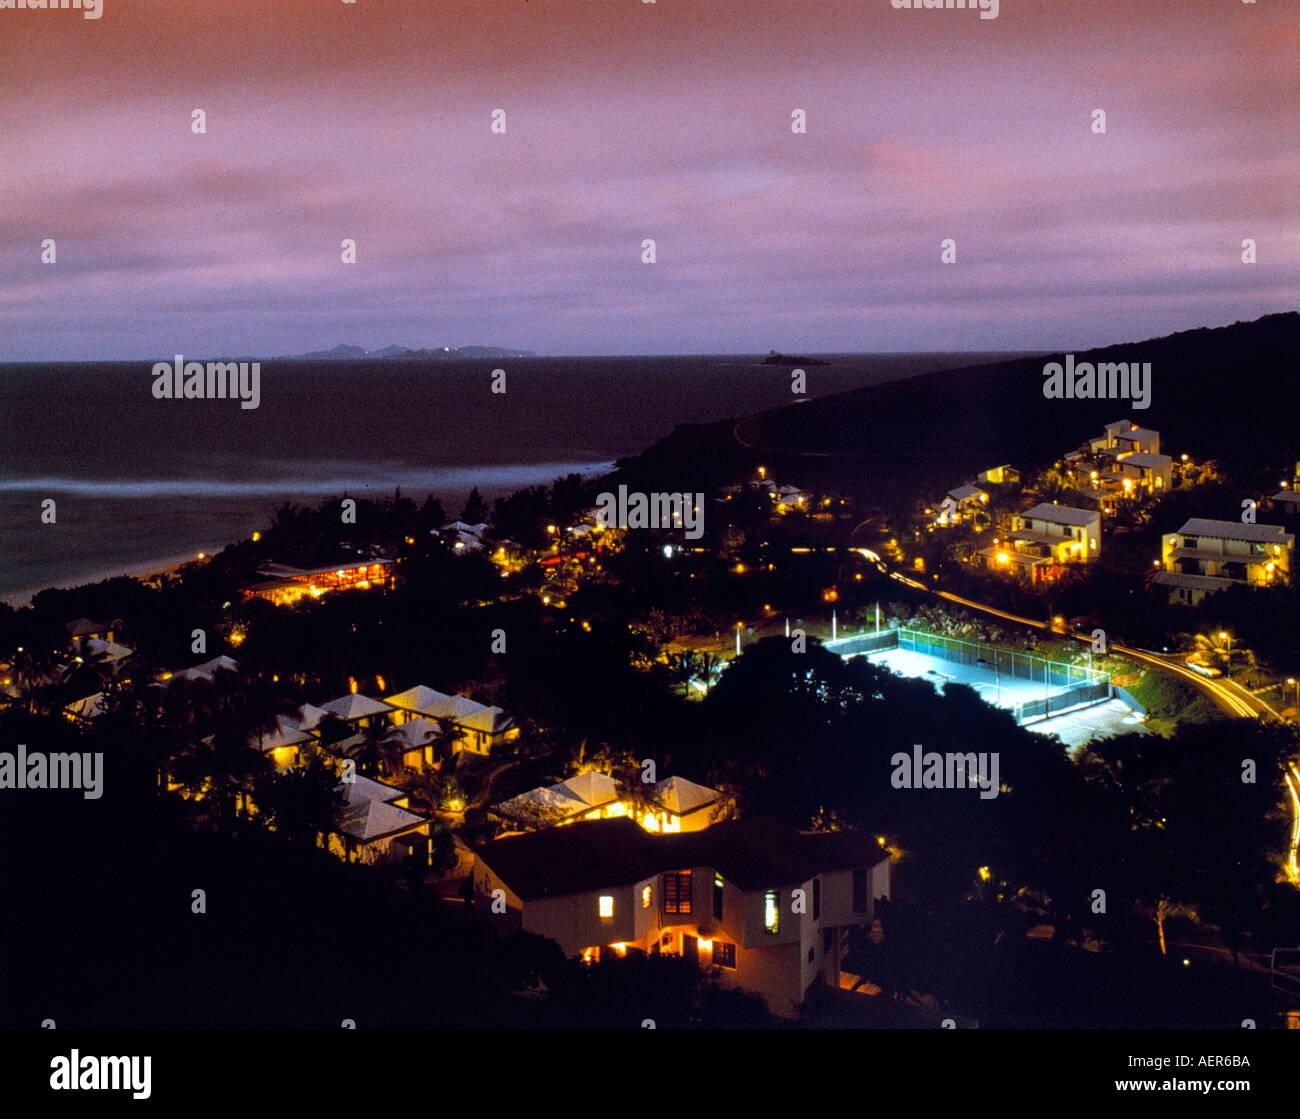 hotel dawn beach sint maarten saint martin holland lesser antilles caribbean - Stock Image